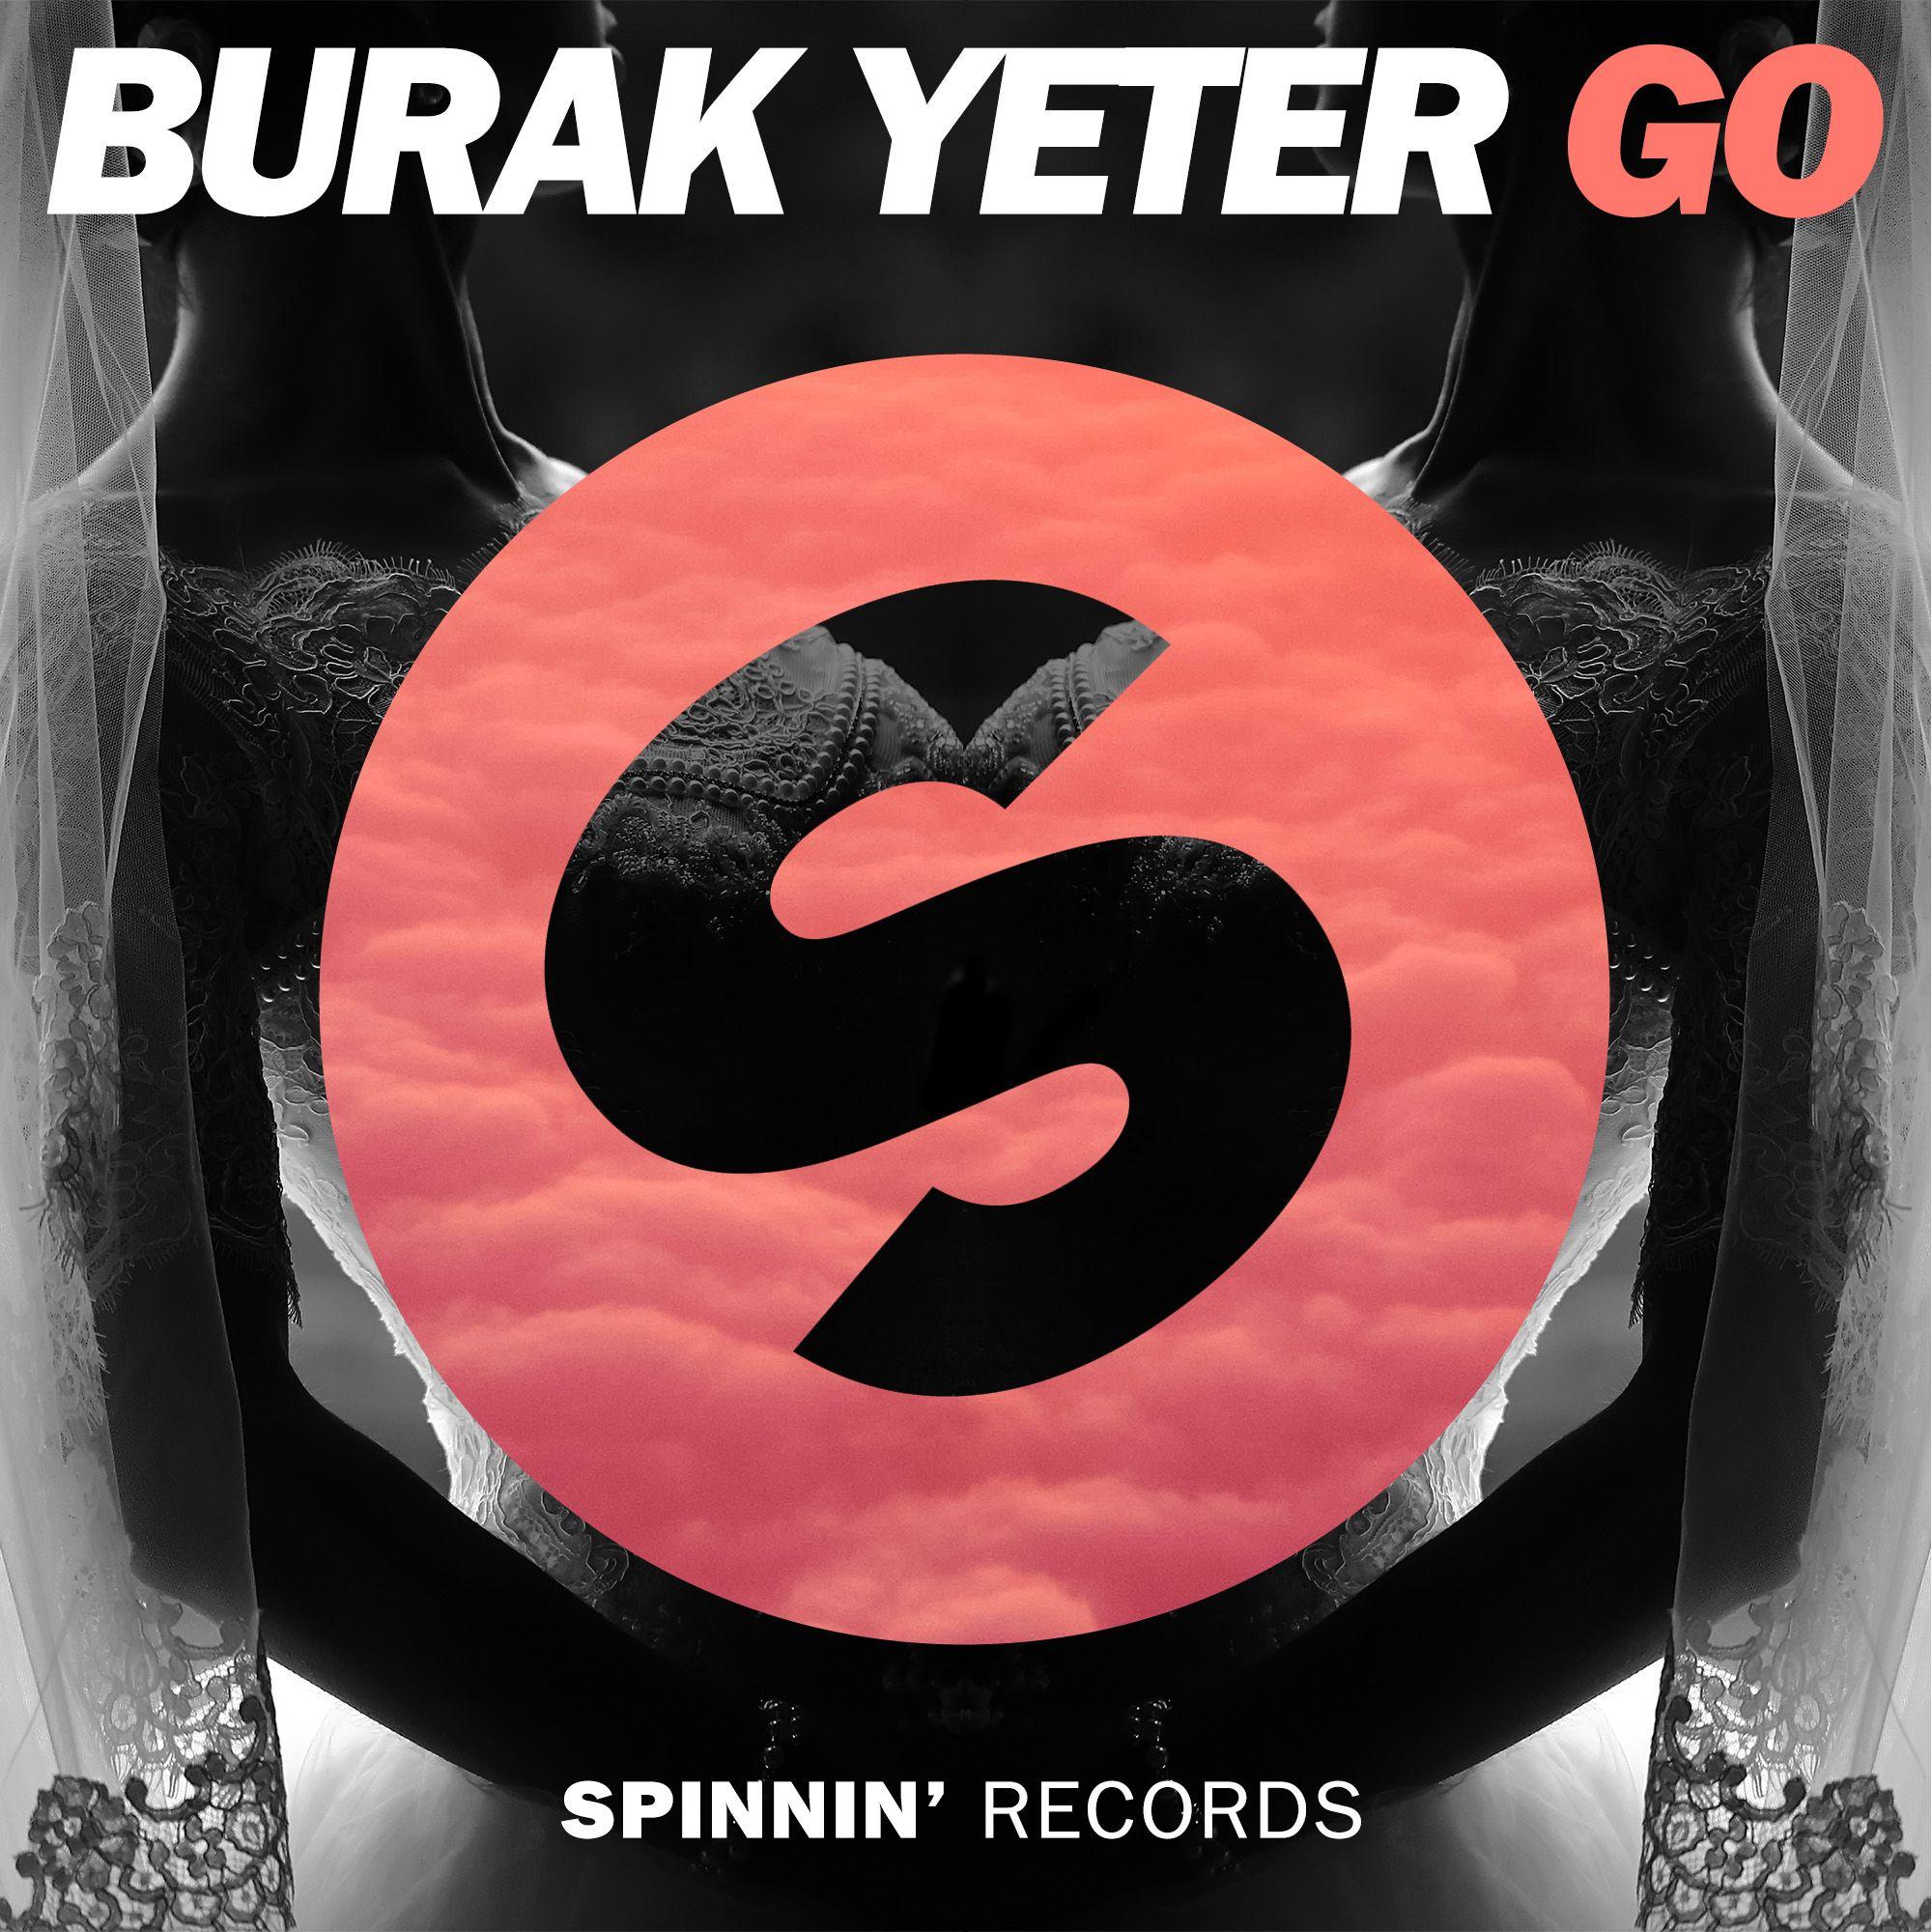 spinnin_burak_yeter_-_go.jpg